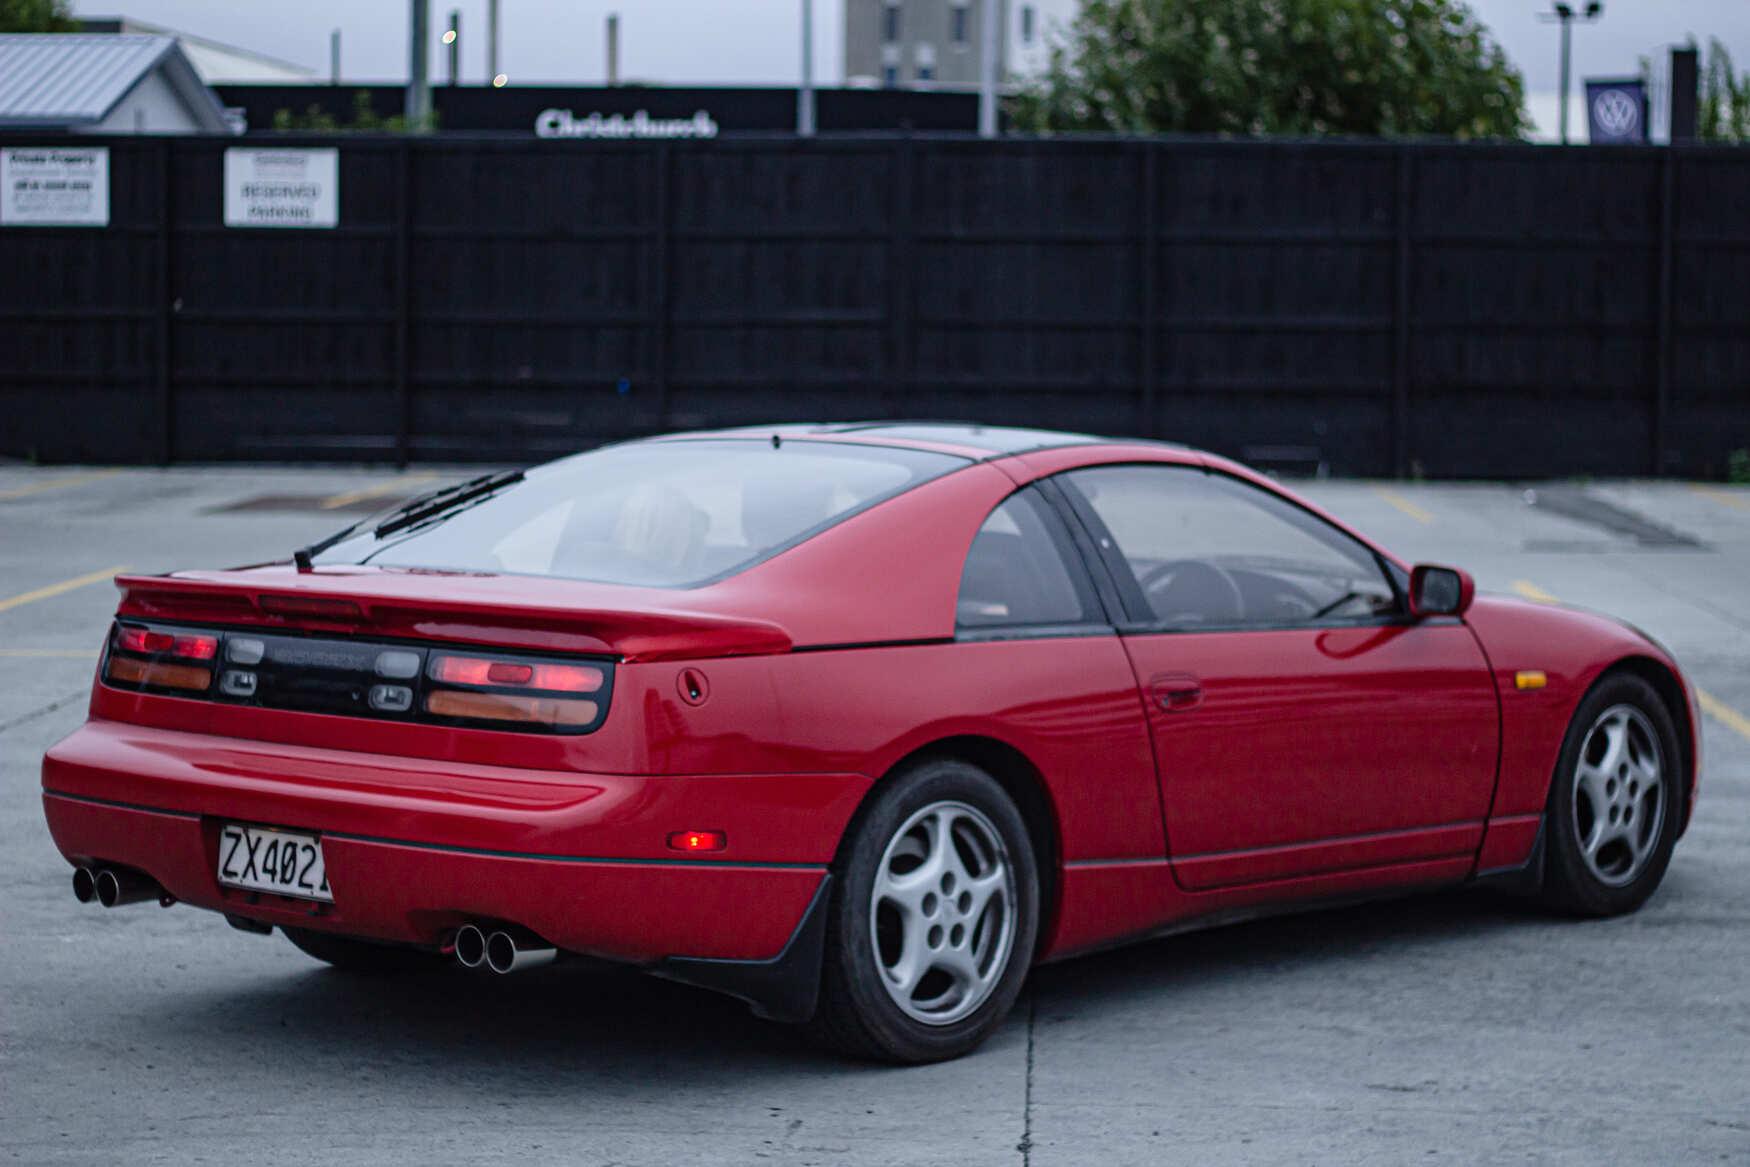 1989 Nissan 300zx Rear End